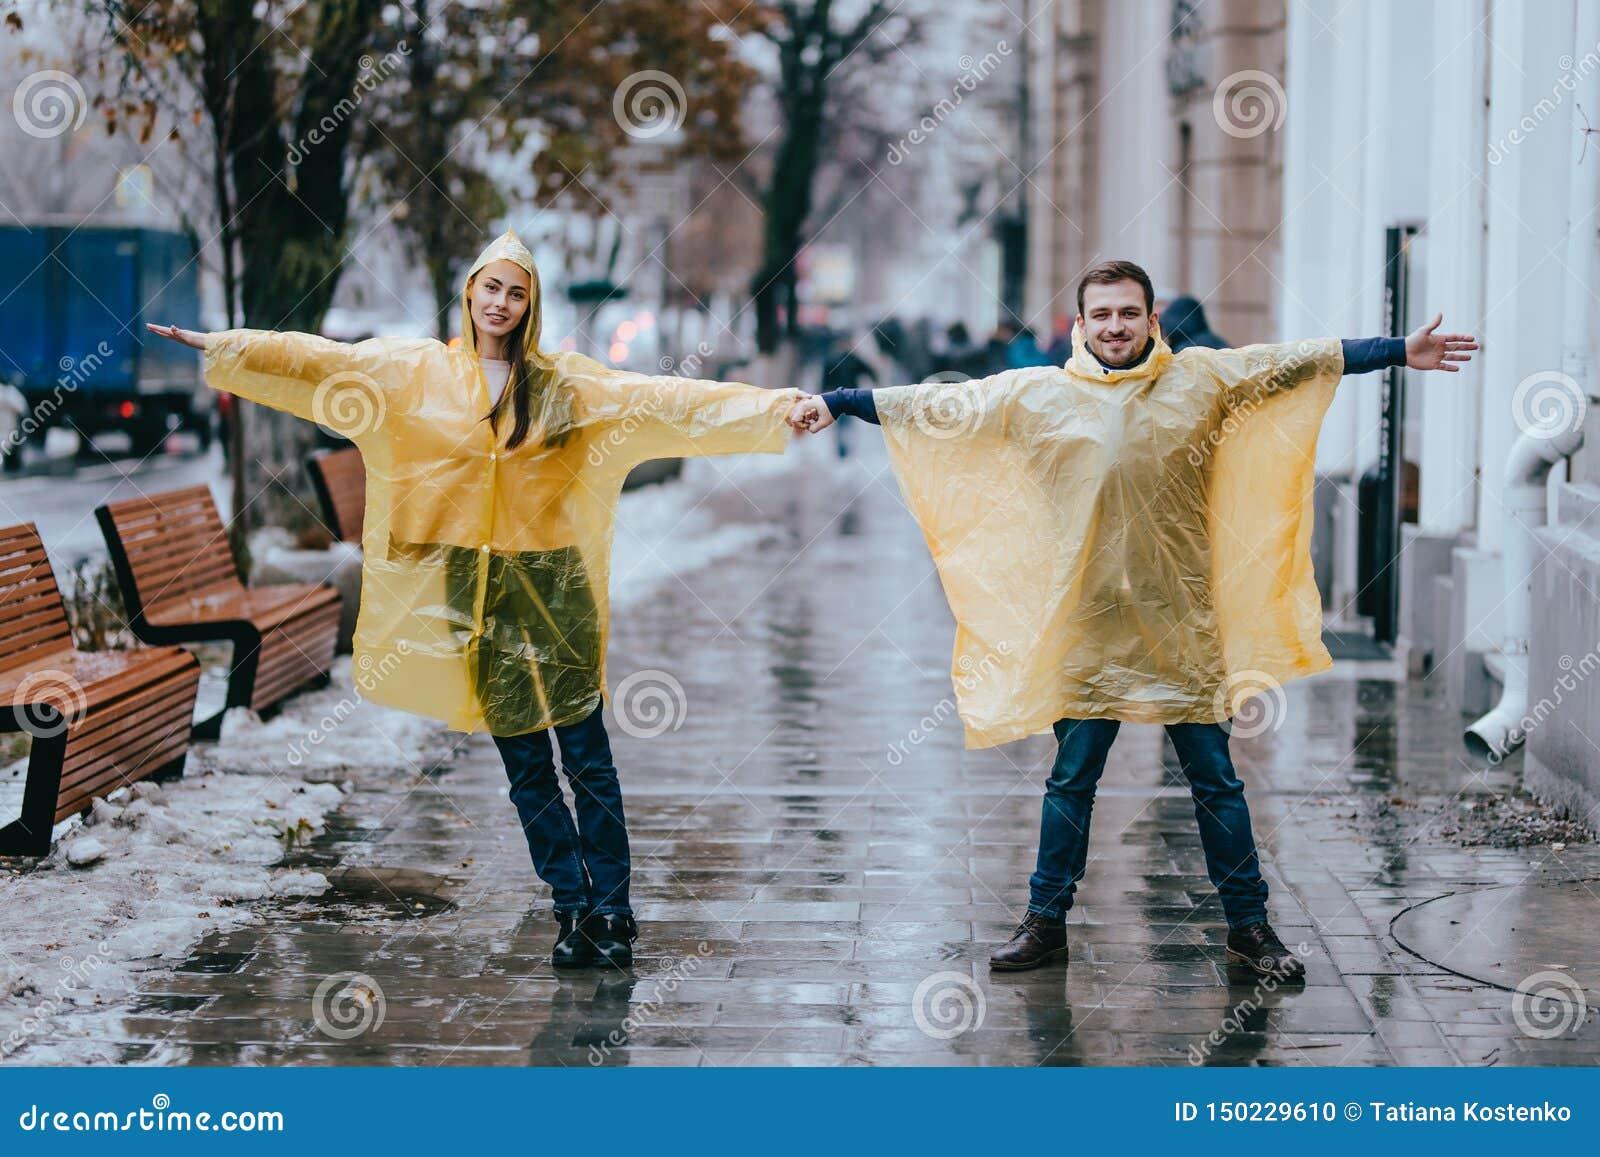 El individuo y la muchacha de amor vestidos en impermeables amarillos se colocan en la calle bajo la lluvia